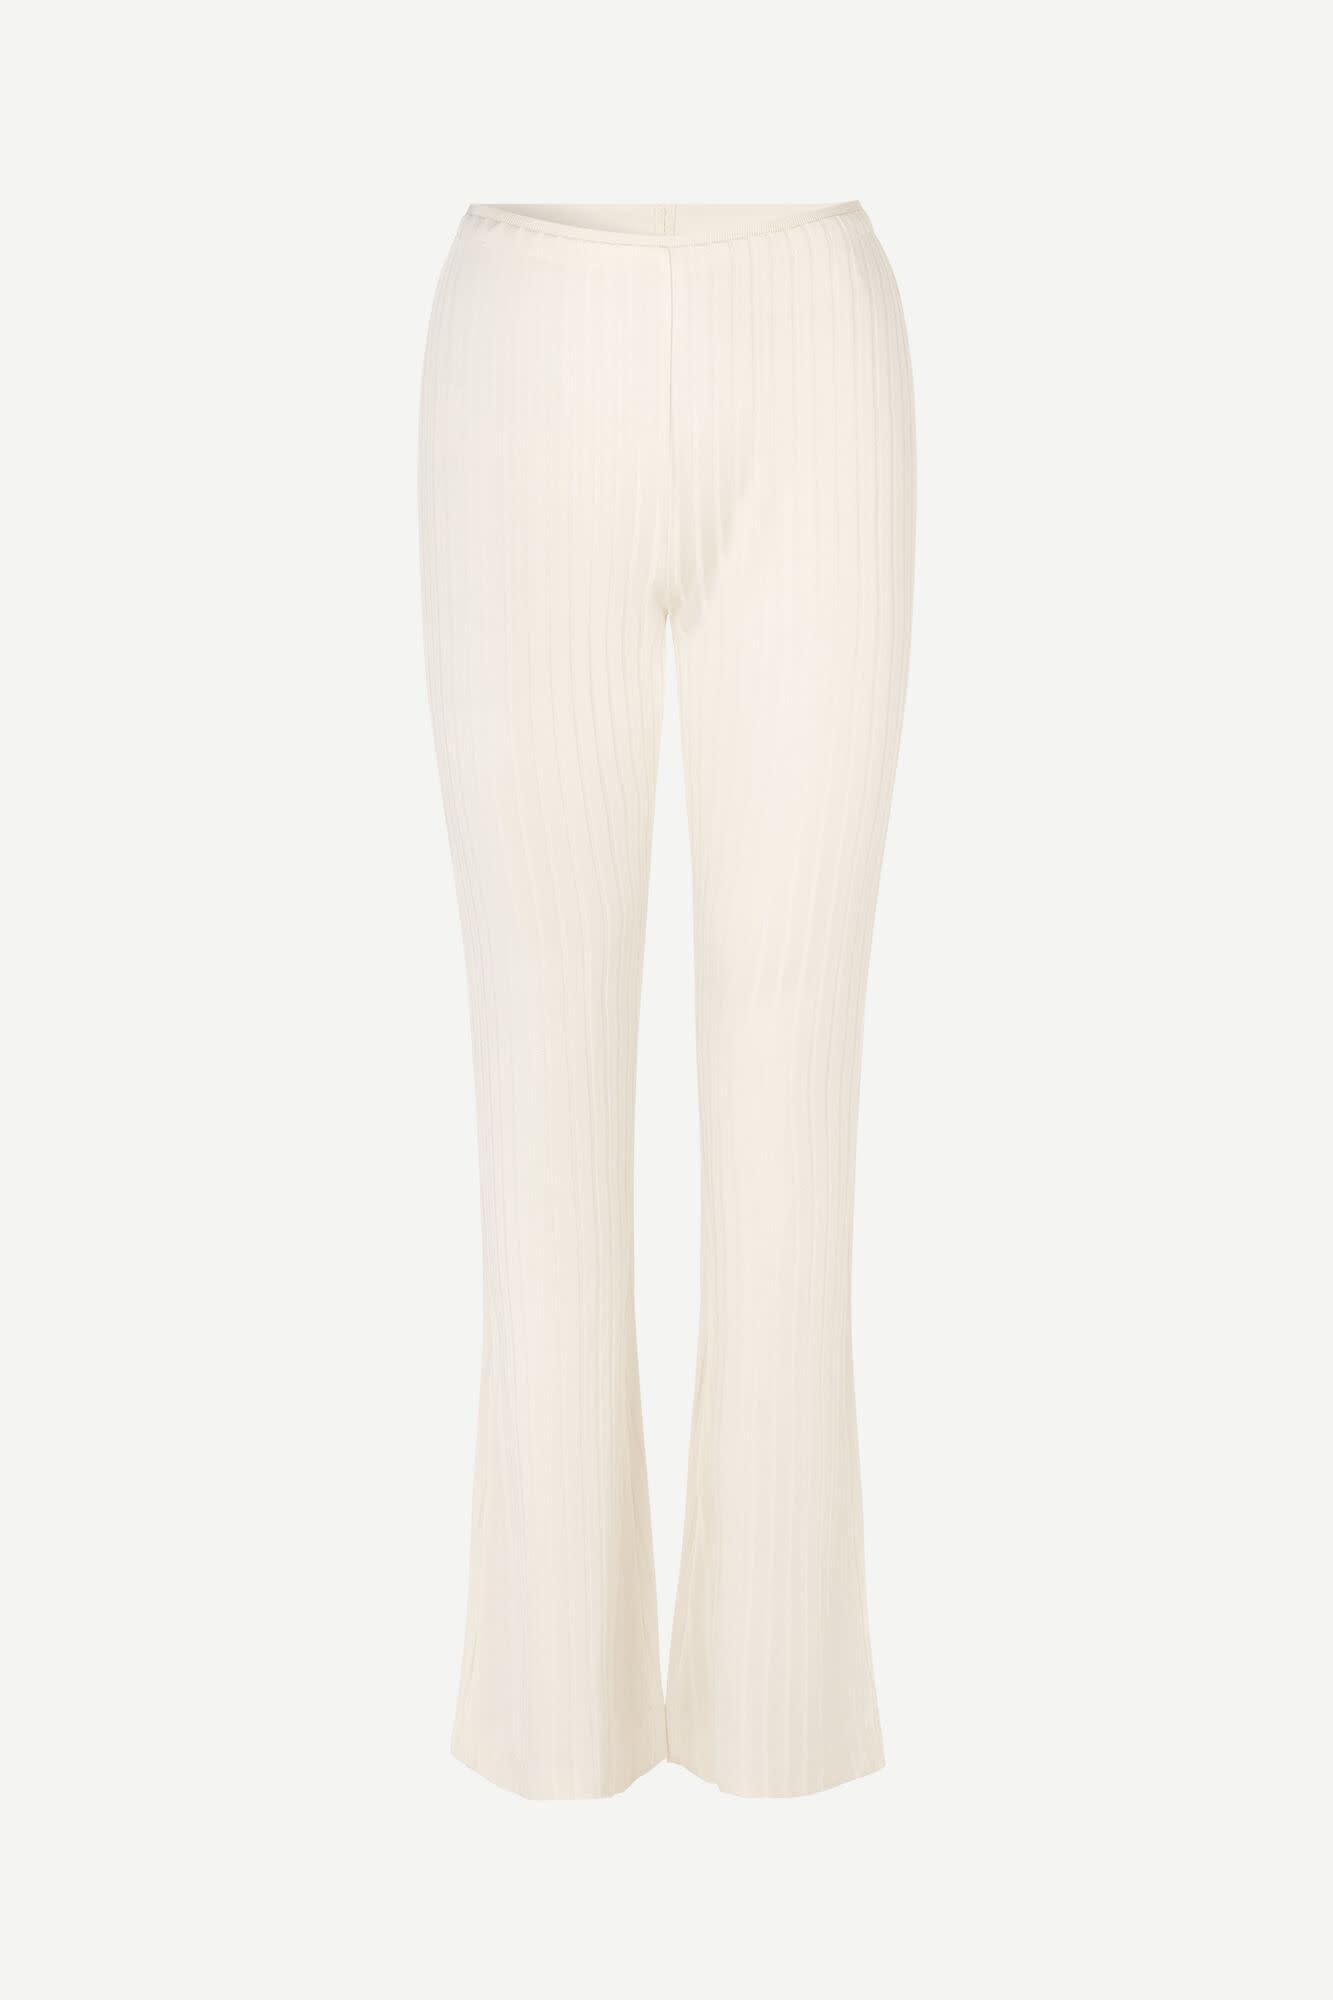 Camoua Eggnog White Trouser-3